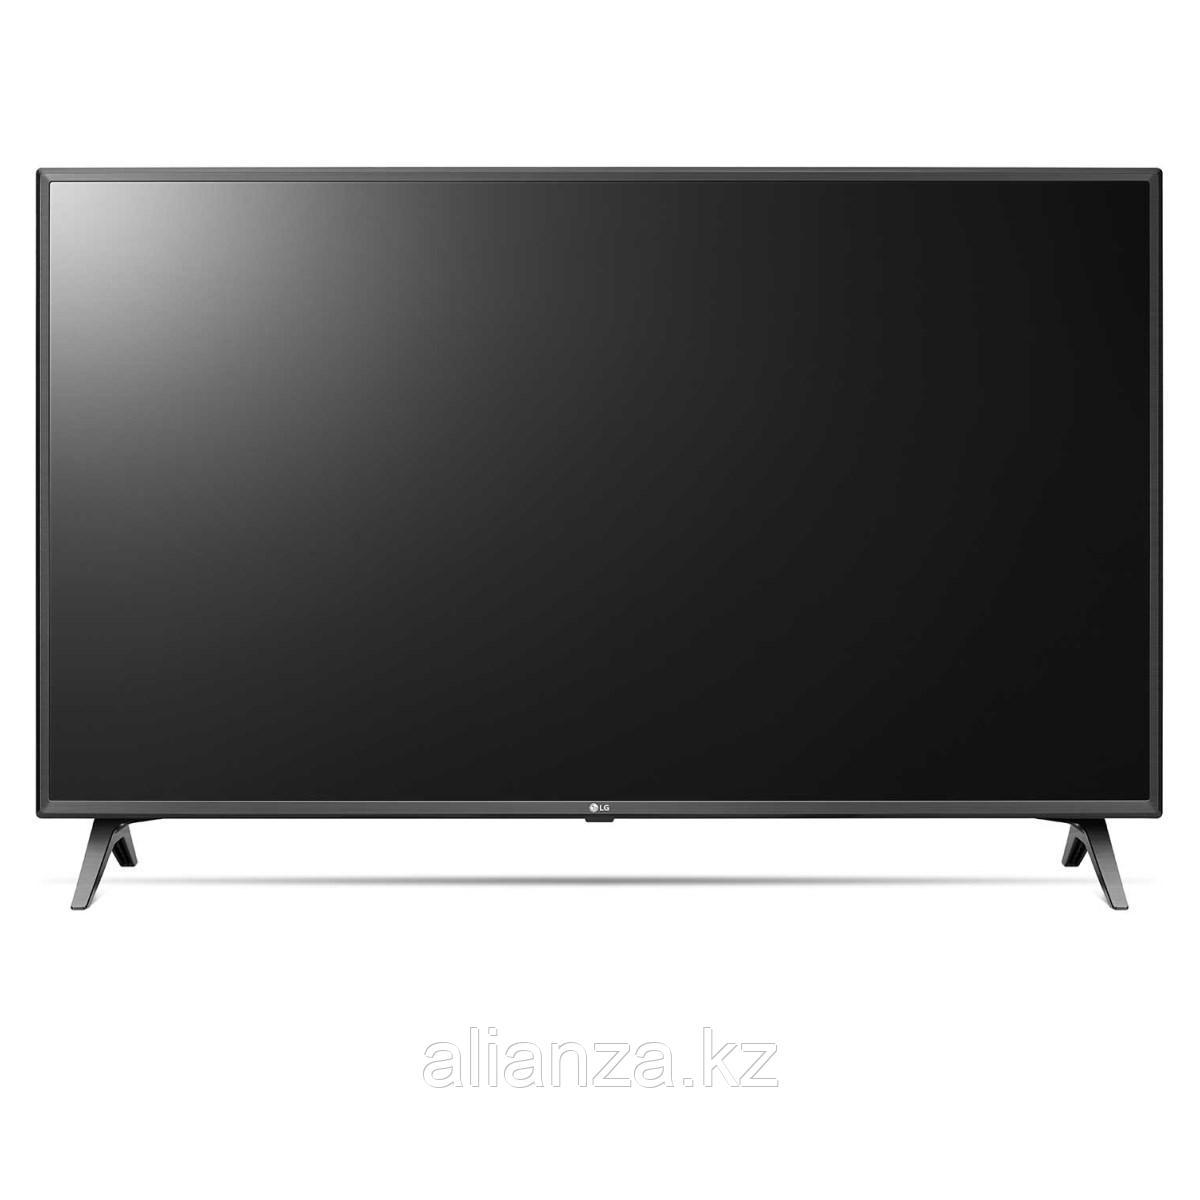 LED телевизор LG 50UM7500 - фото 2